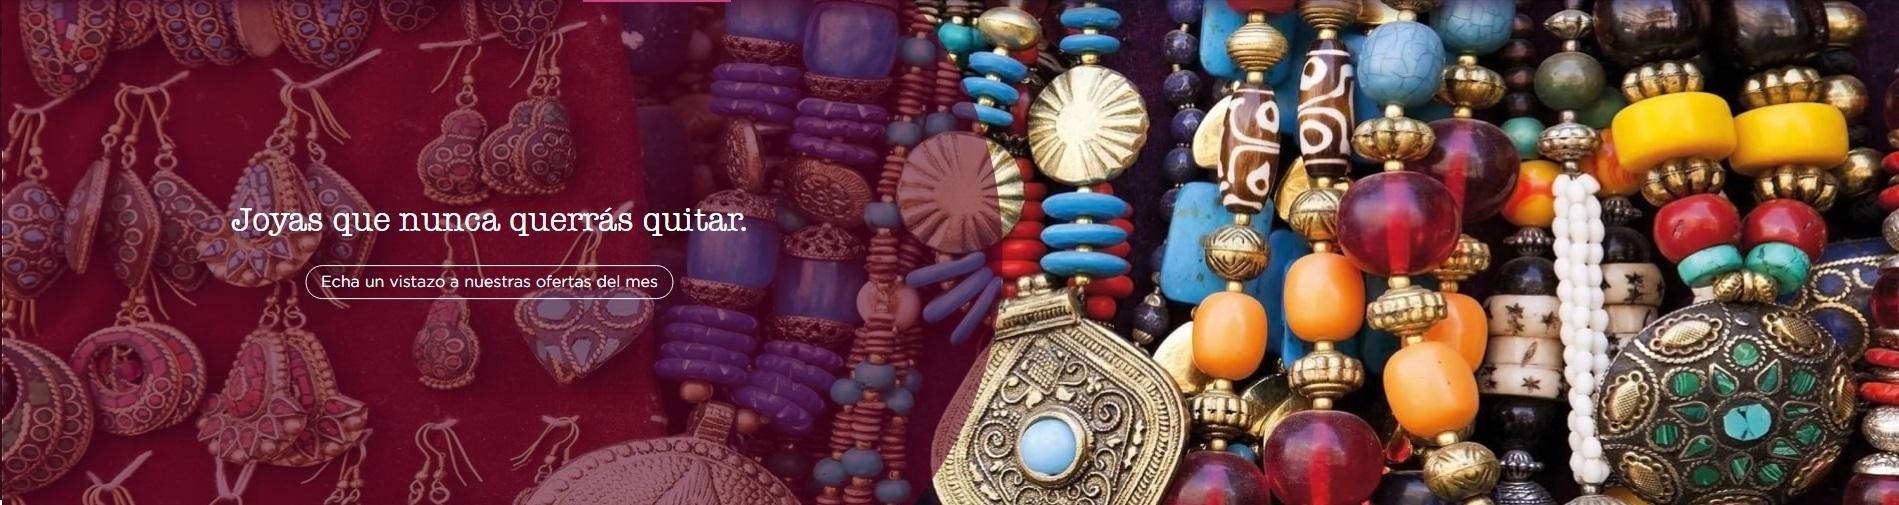 artesania tibetana